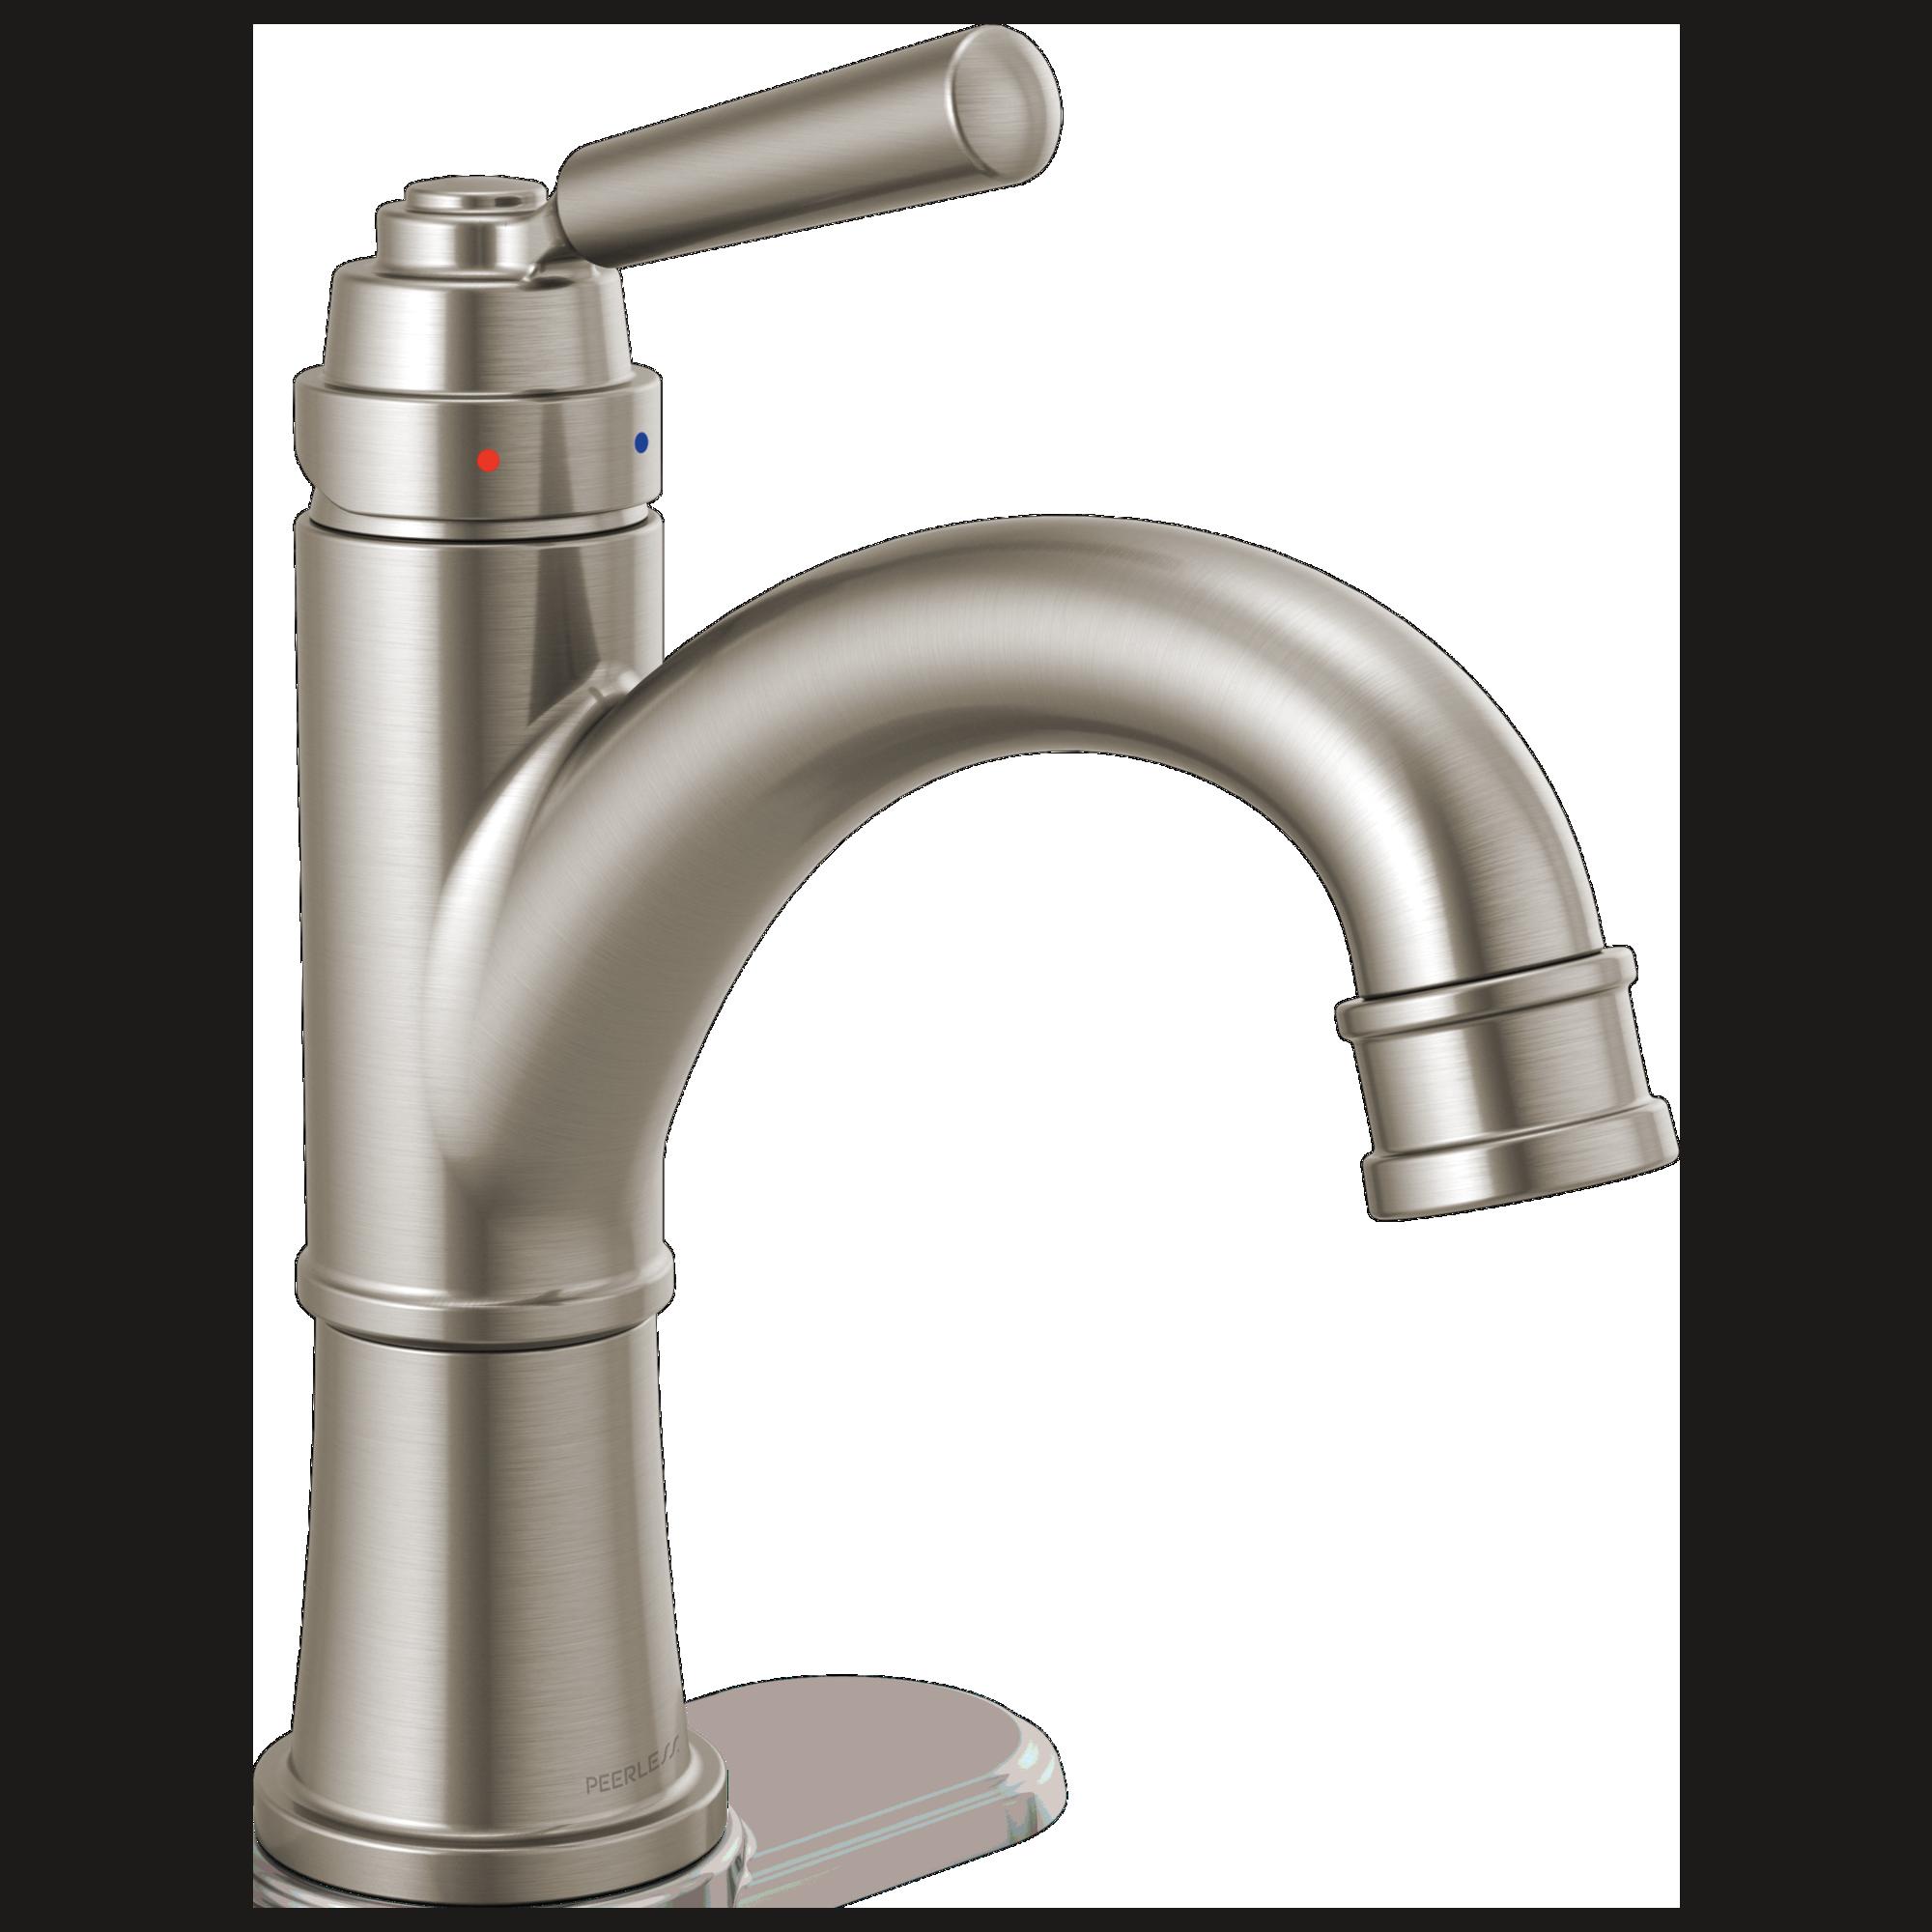 Peerless Faucet P1523lf Bn Single Handle Bathroom Faucet Brushed Nickel Kitchenfaucet4 Bathroom Faucets Best Bathroom Faucets Bathroom Faucets Brushed Nickel